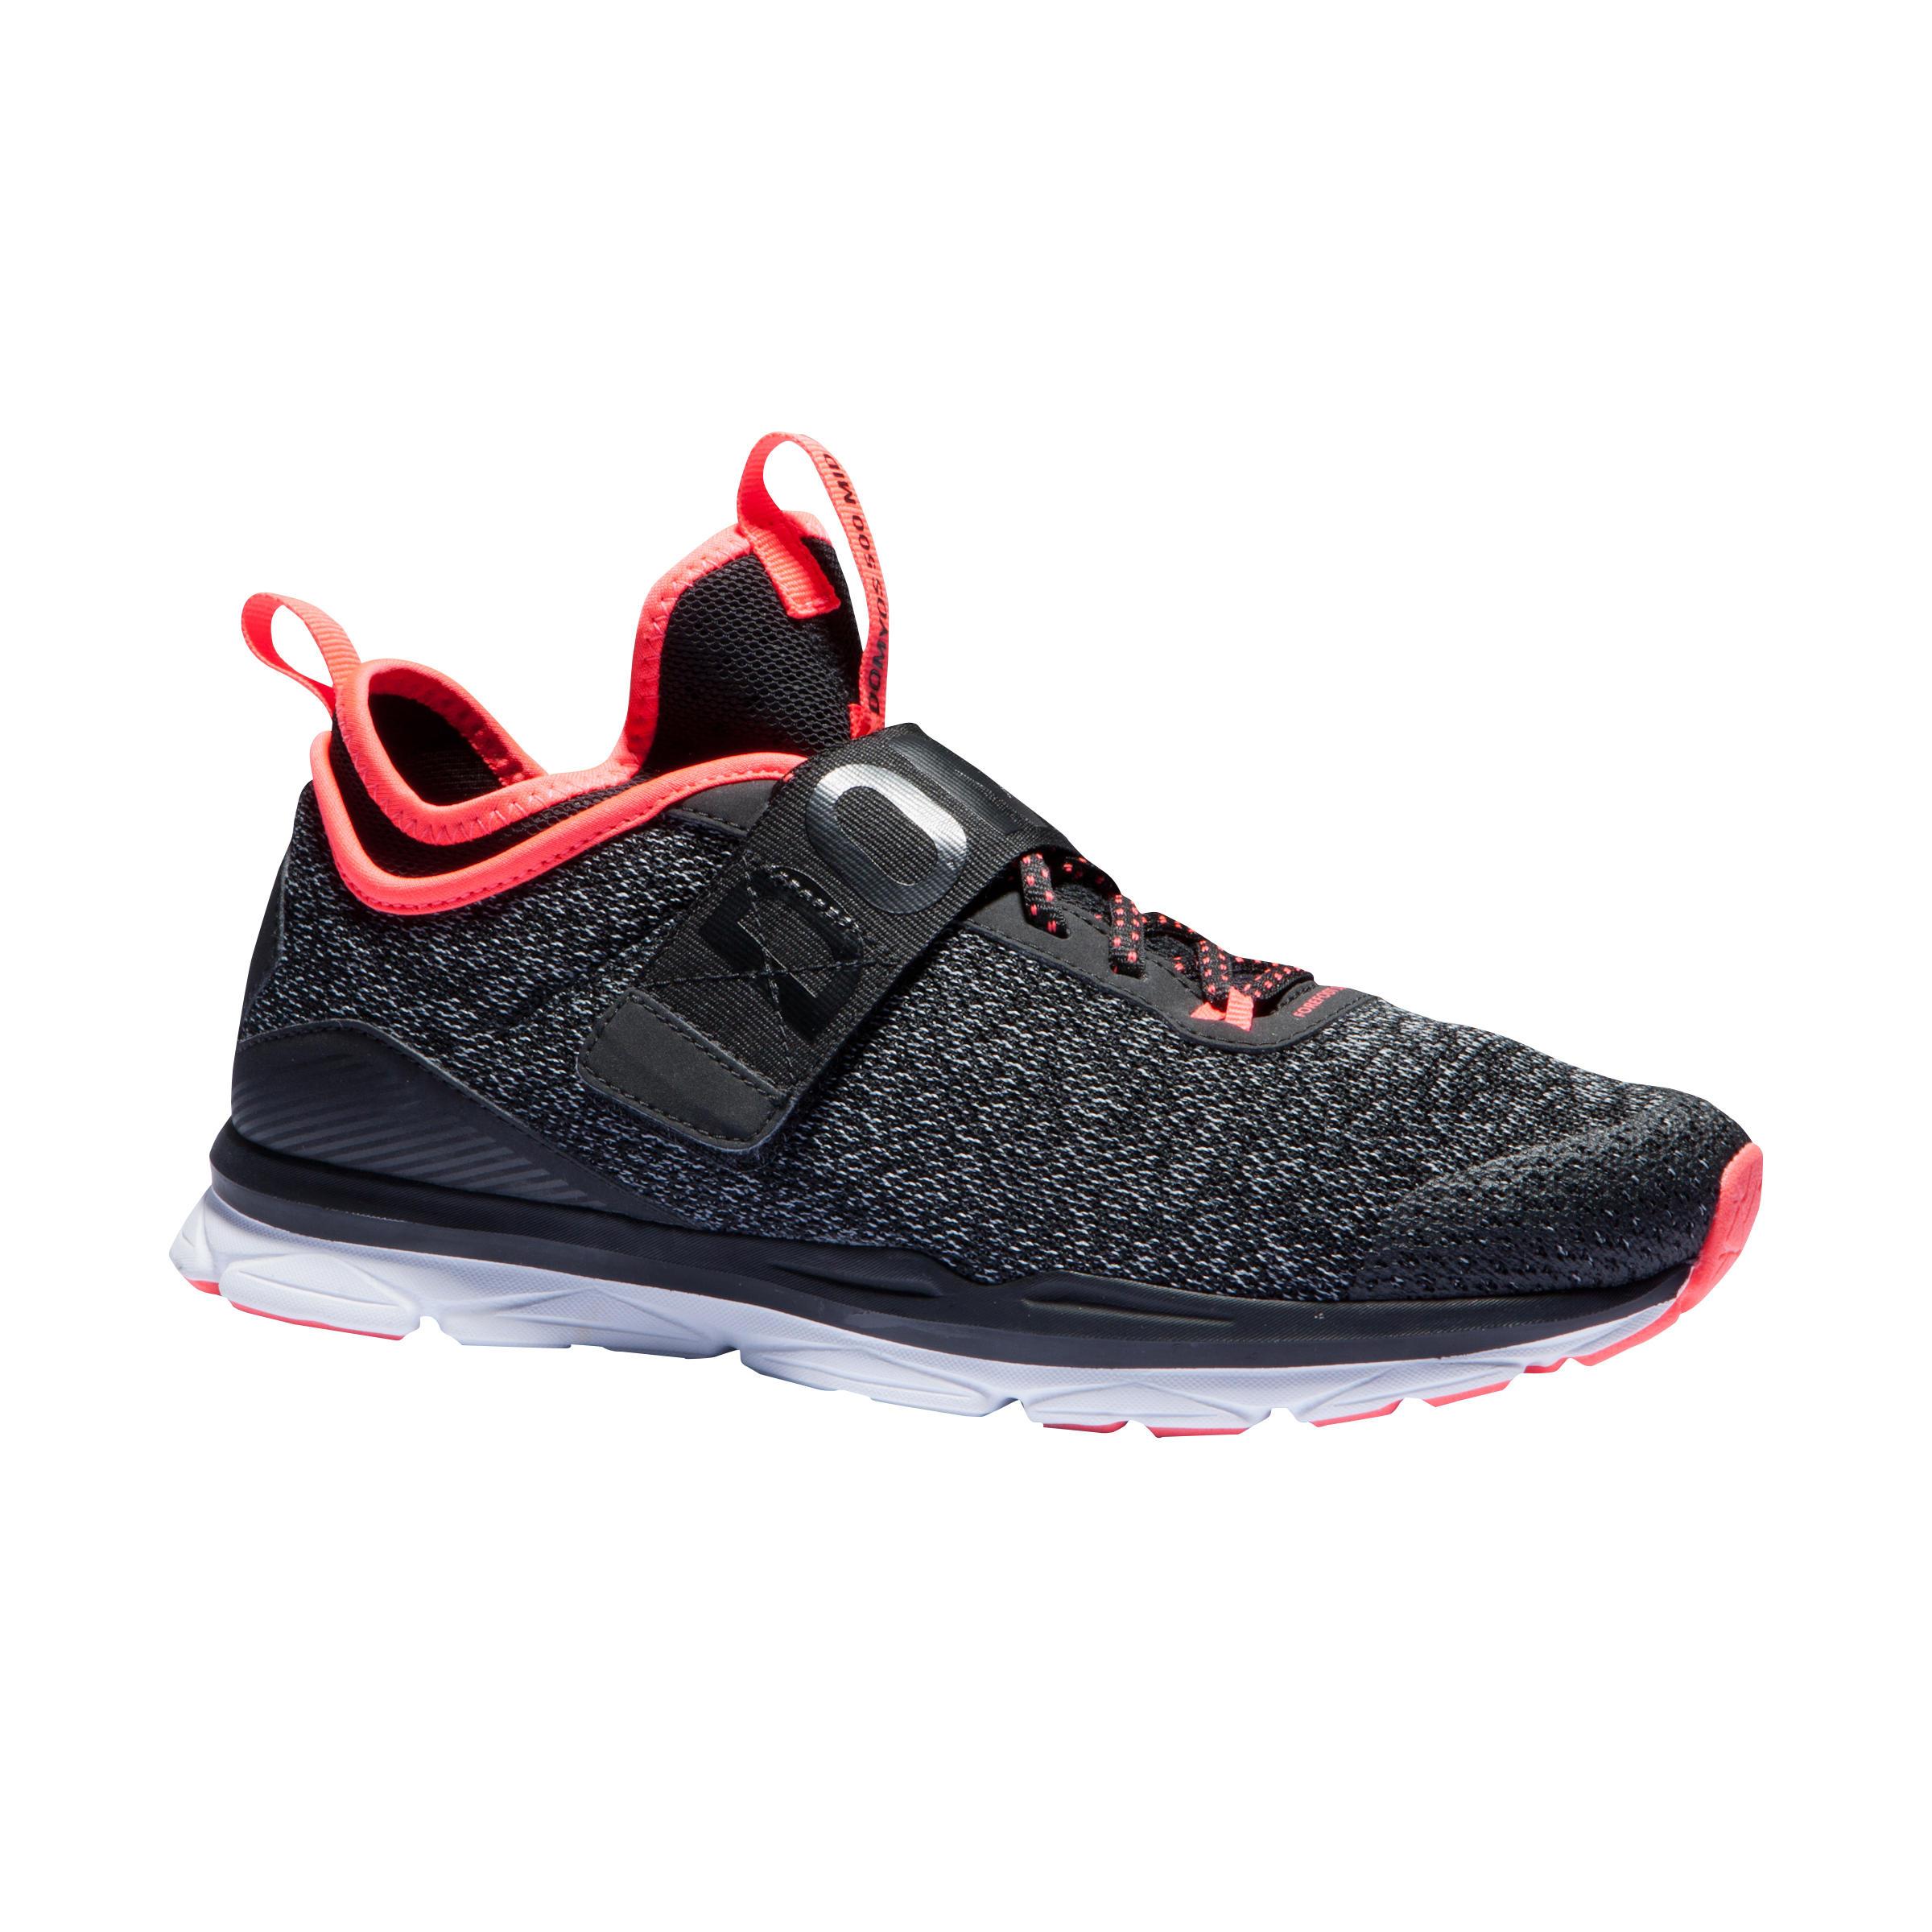 5fe2a16c7c8 Domyos Fitness schoenen cardiotraining 500 Mid voor dames, grijs koraal